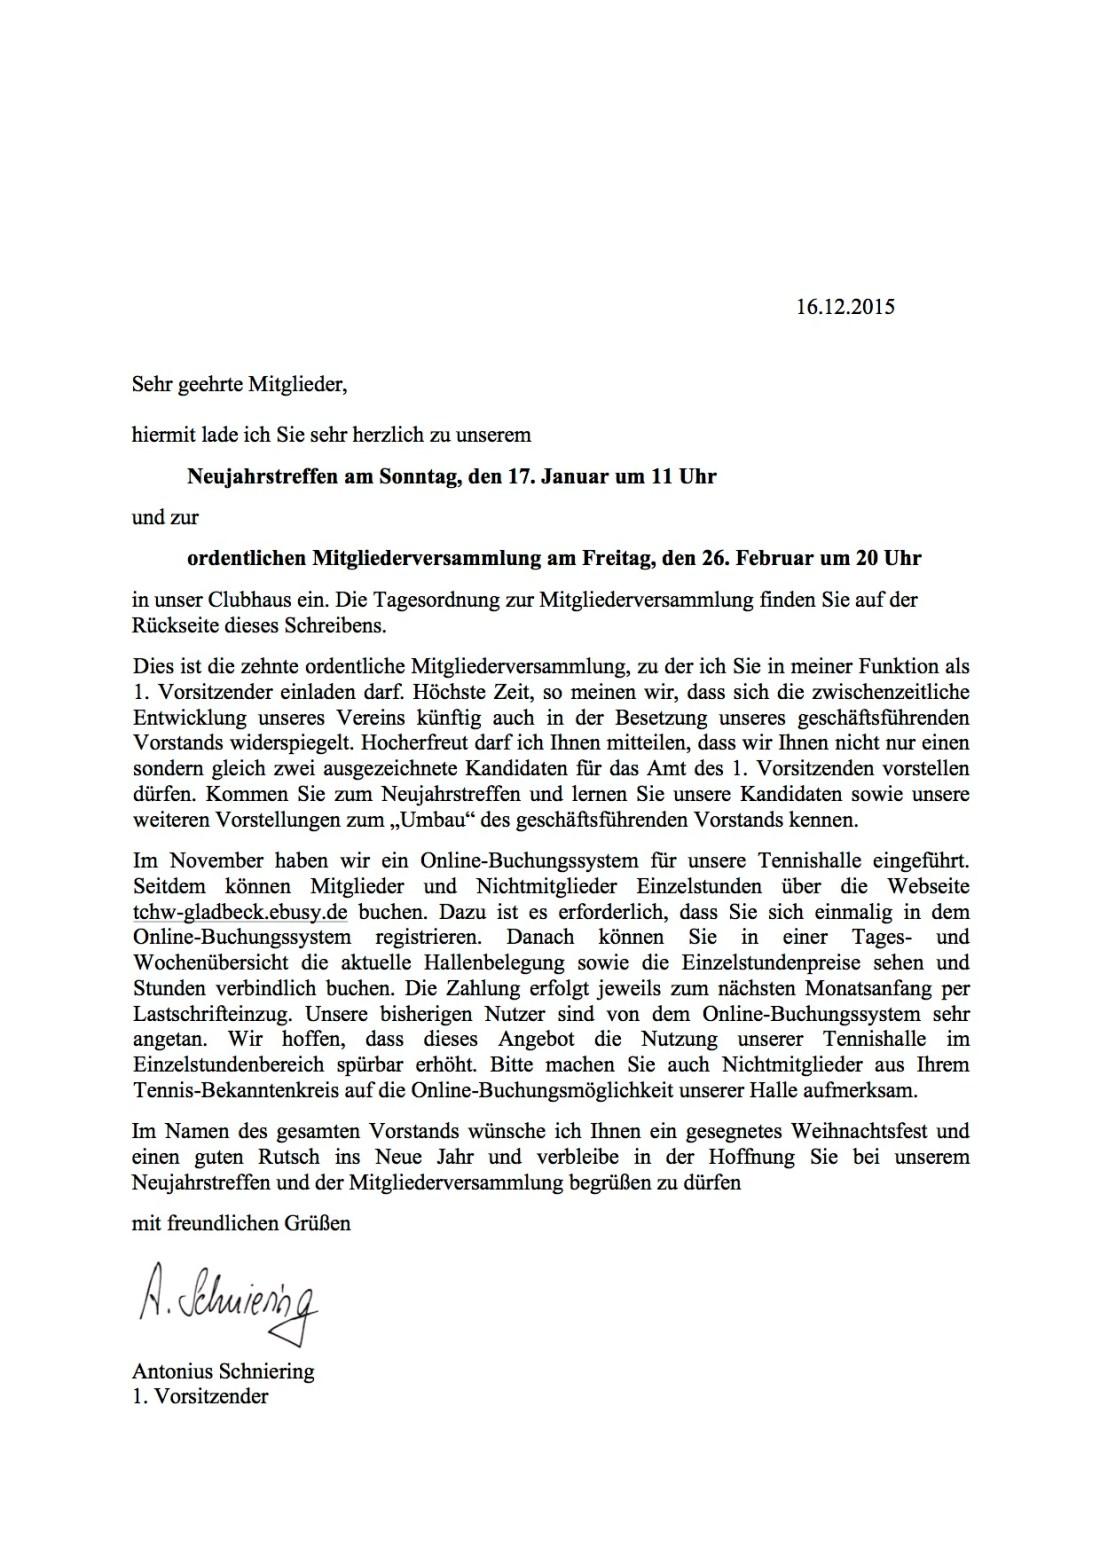 Mitgliederversammlung-Tagesordnung-Einladung_2015-12-16-V2